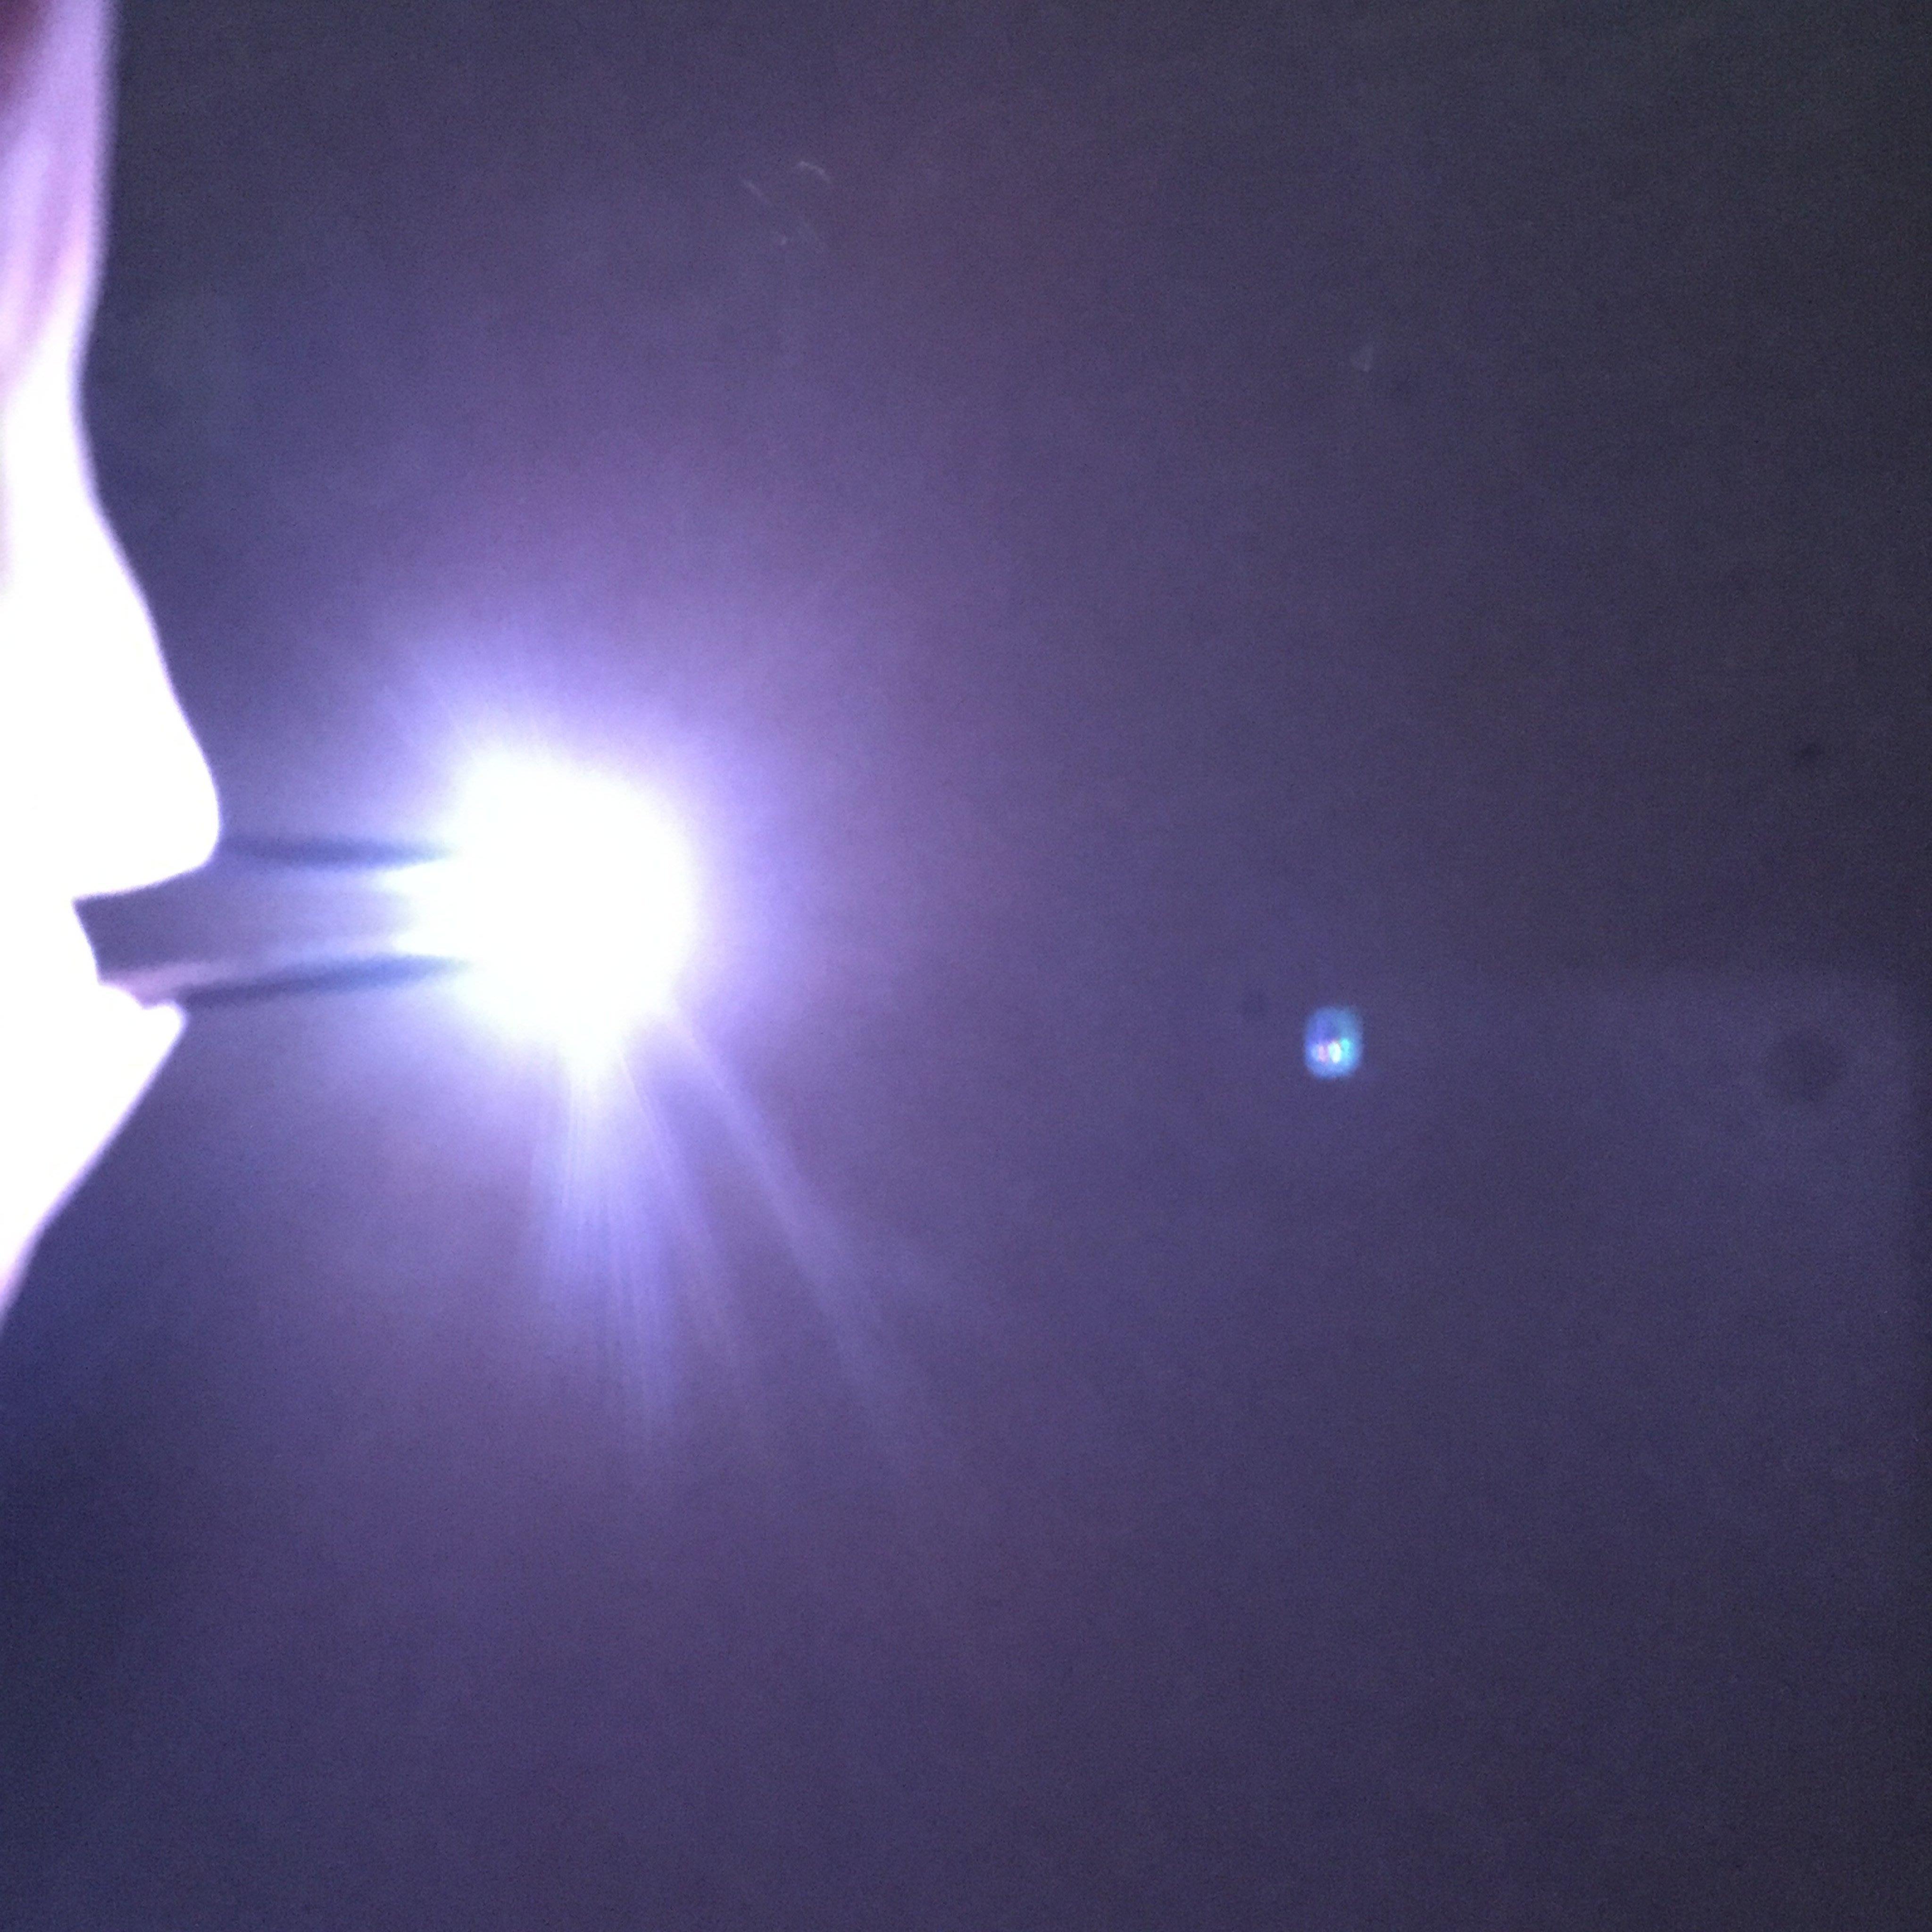 2835型貼片LED七彩變色SMD燈珠-快閃-慢閃漸層變化-通電自動變化-模型-造景-3V